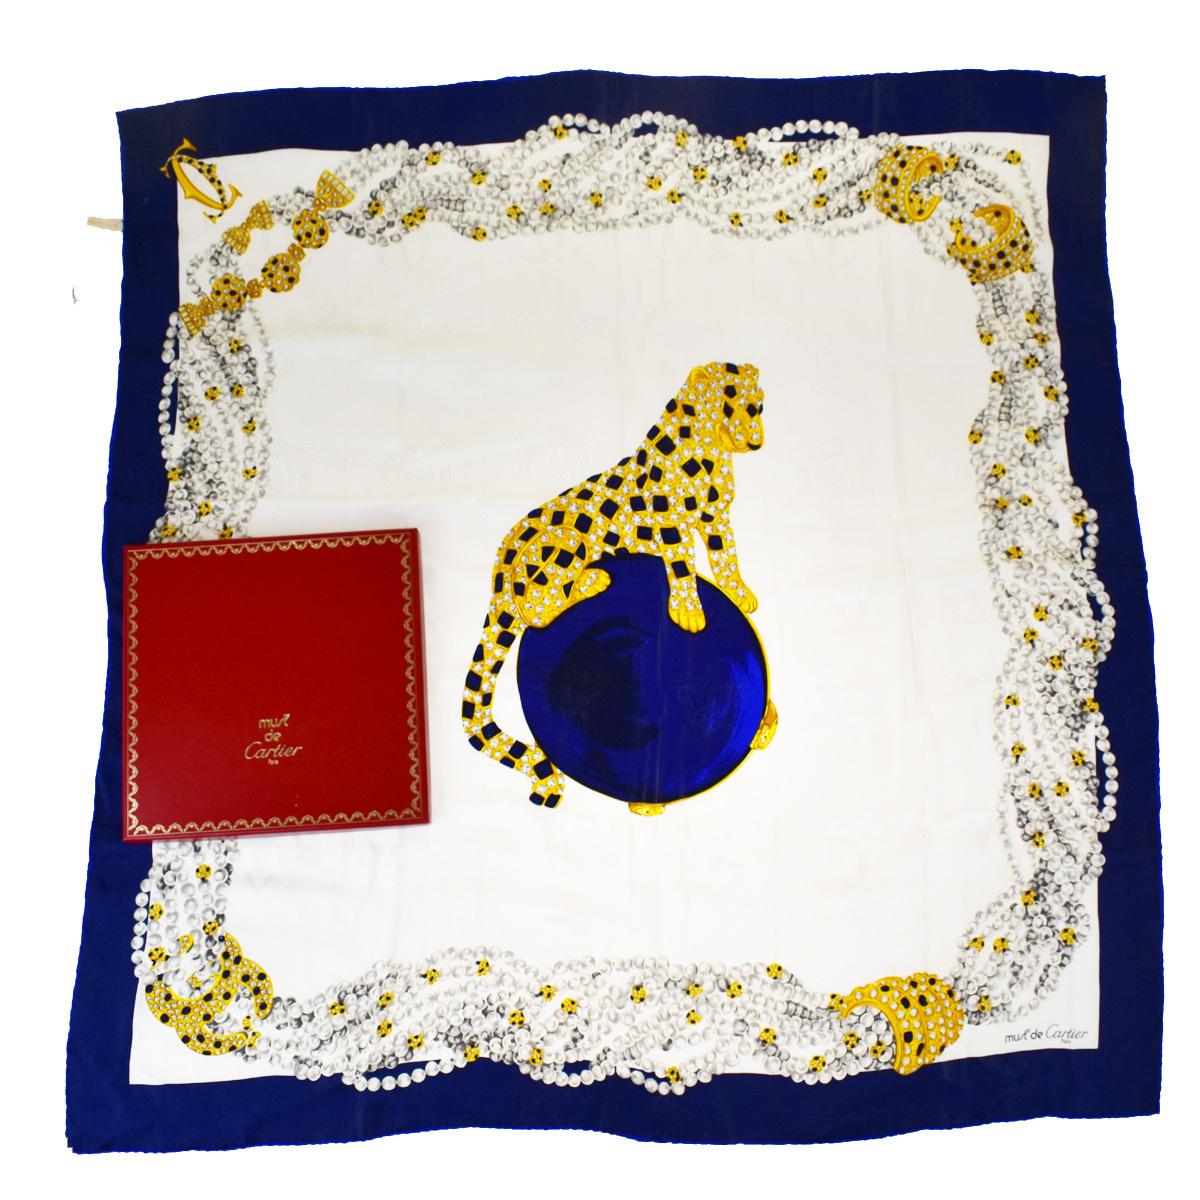 カルティエ(Cartier) パンテール シルク スカーフ 動物 ブルー